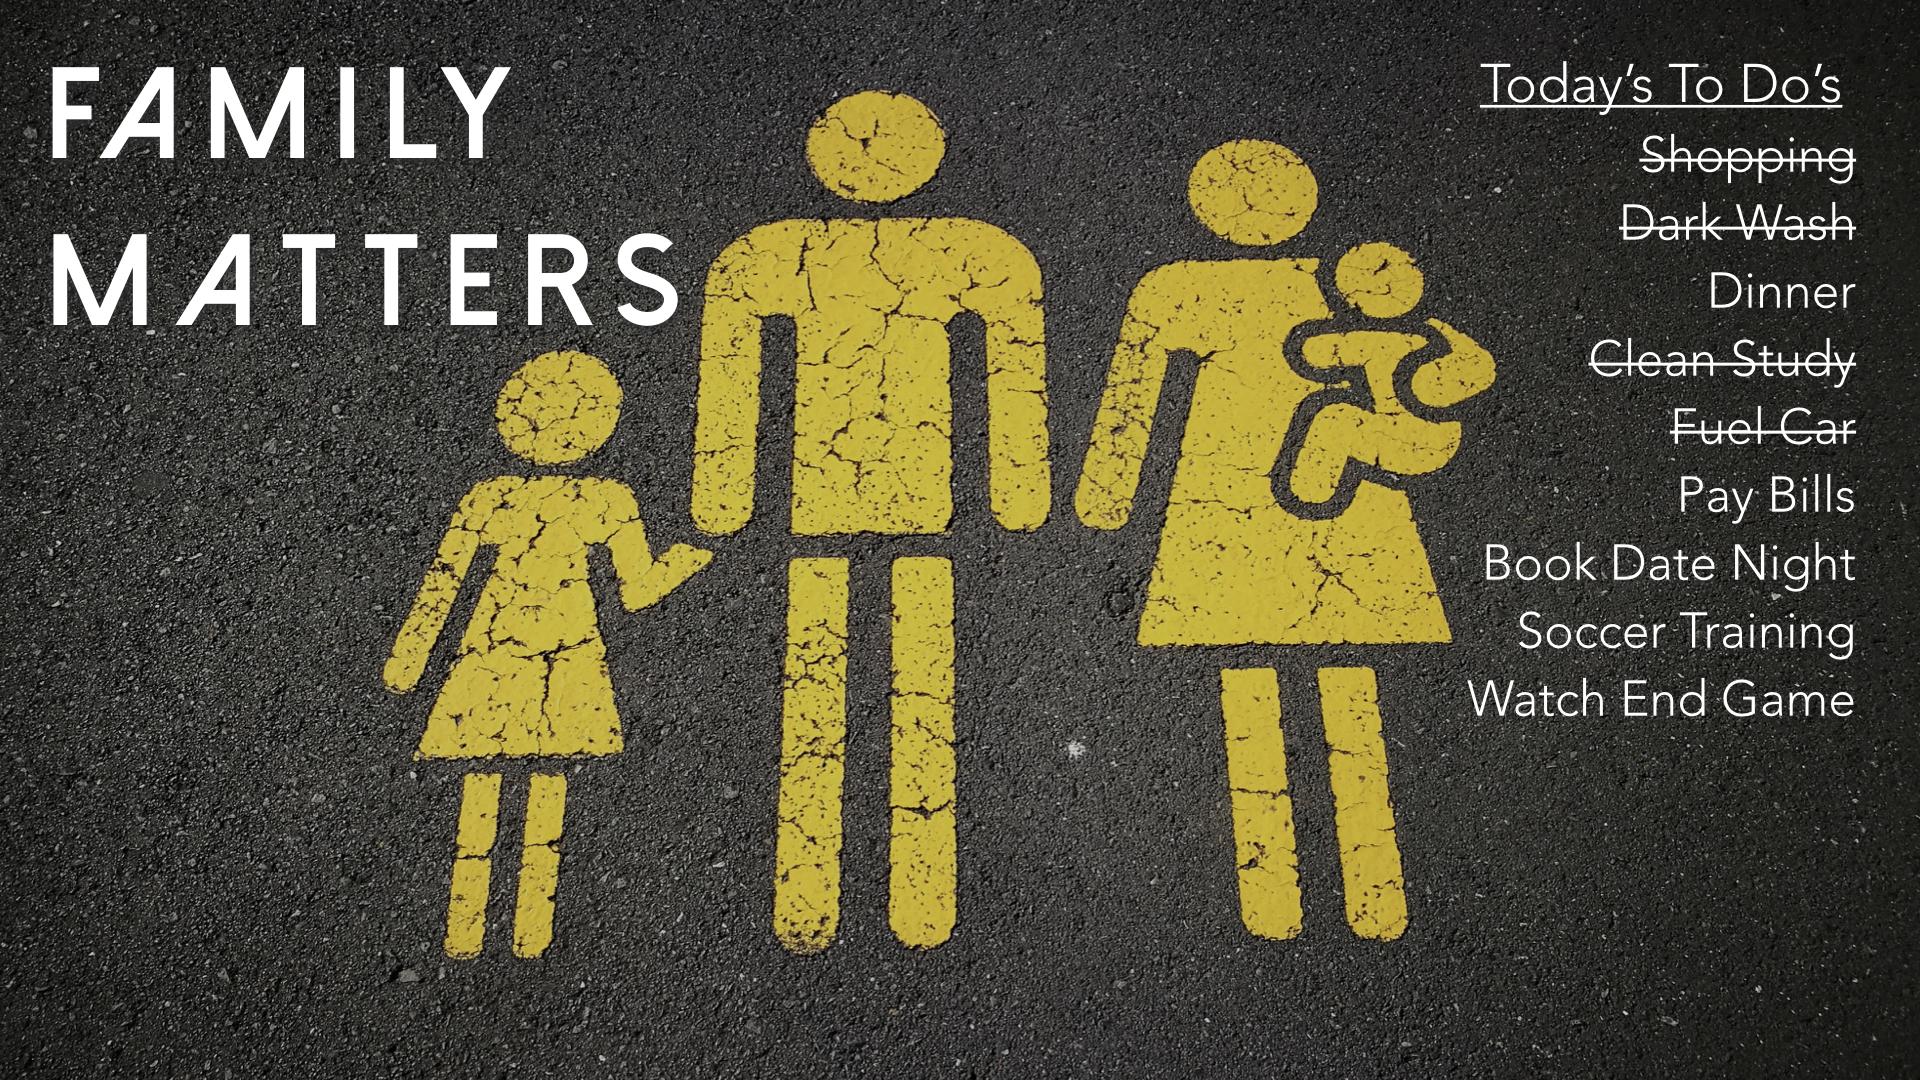 Family Matters Slide.jpeg